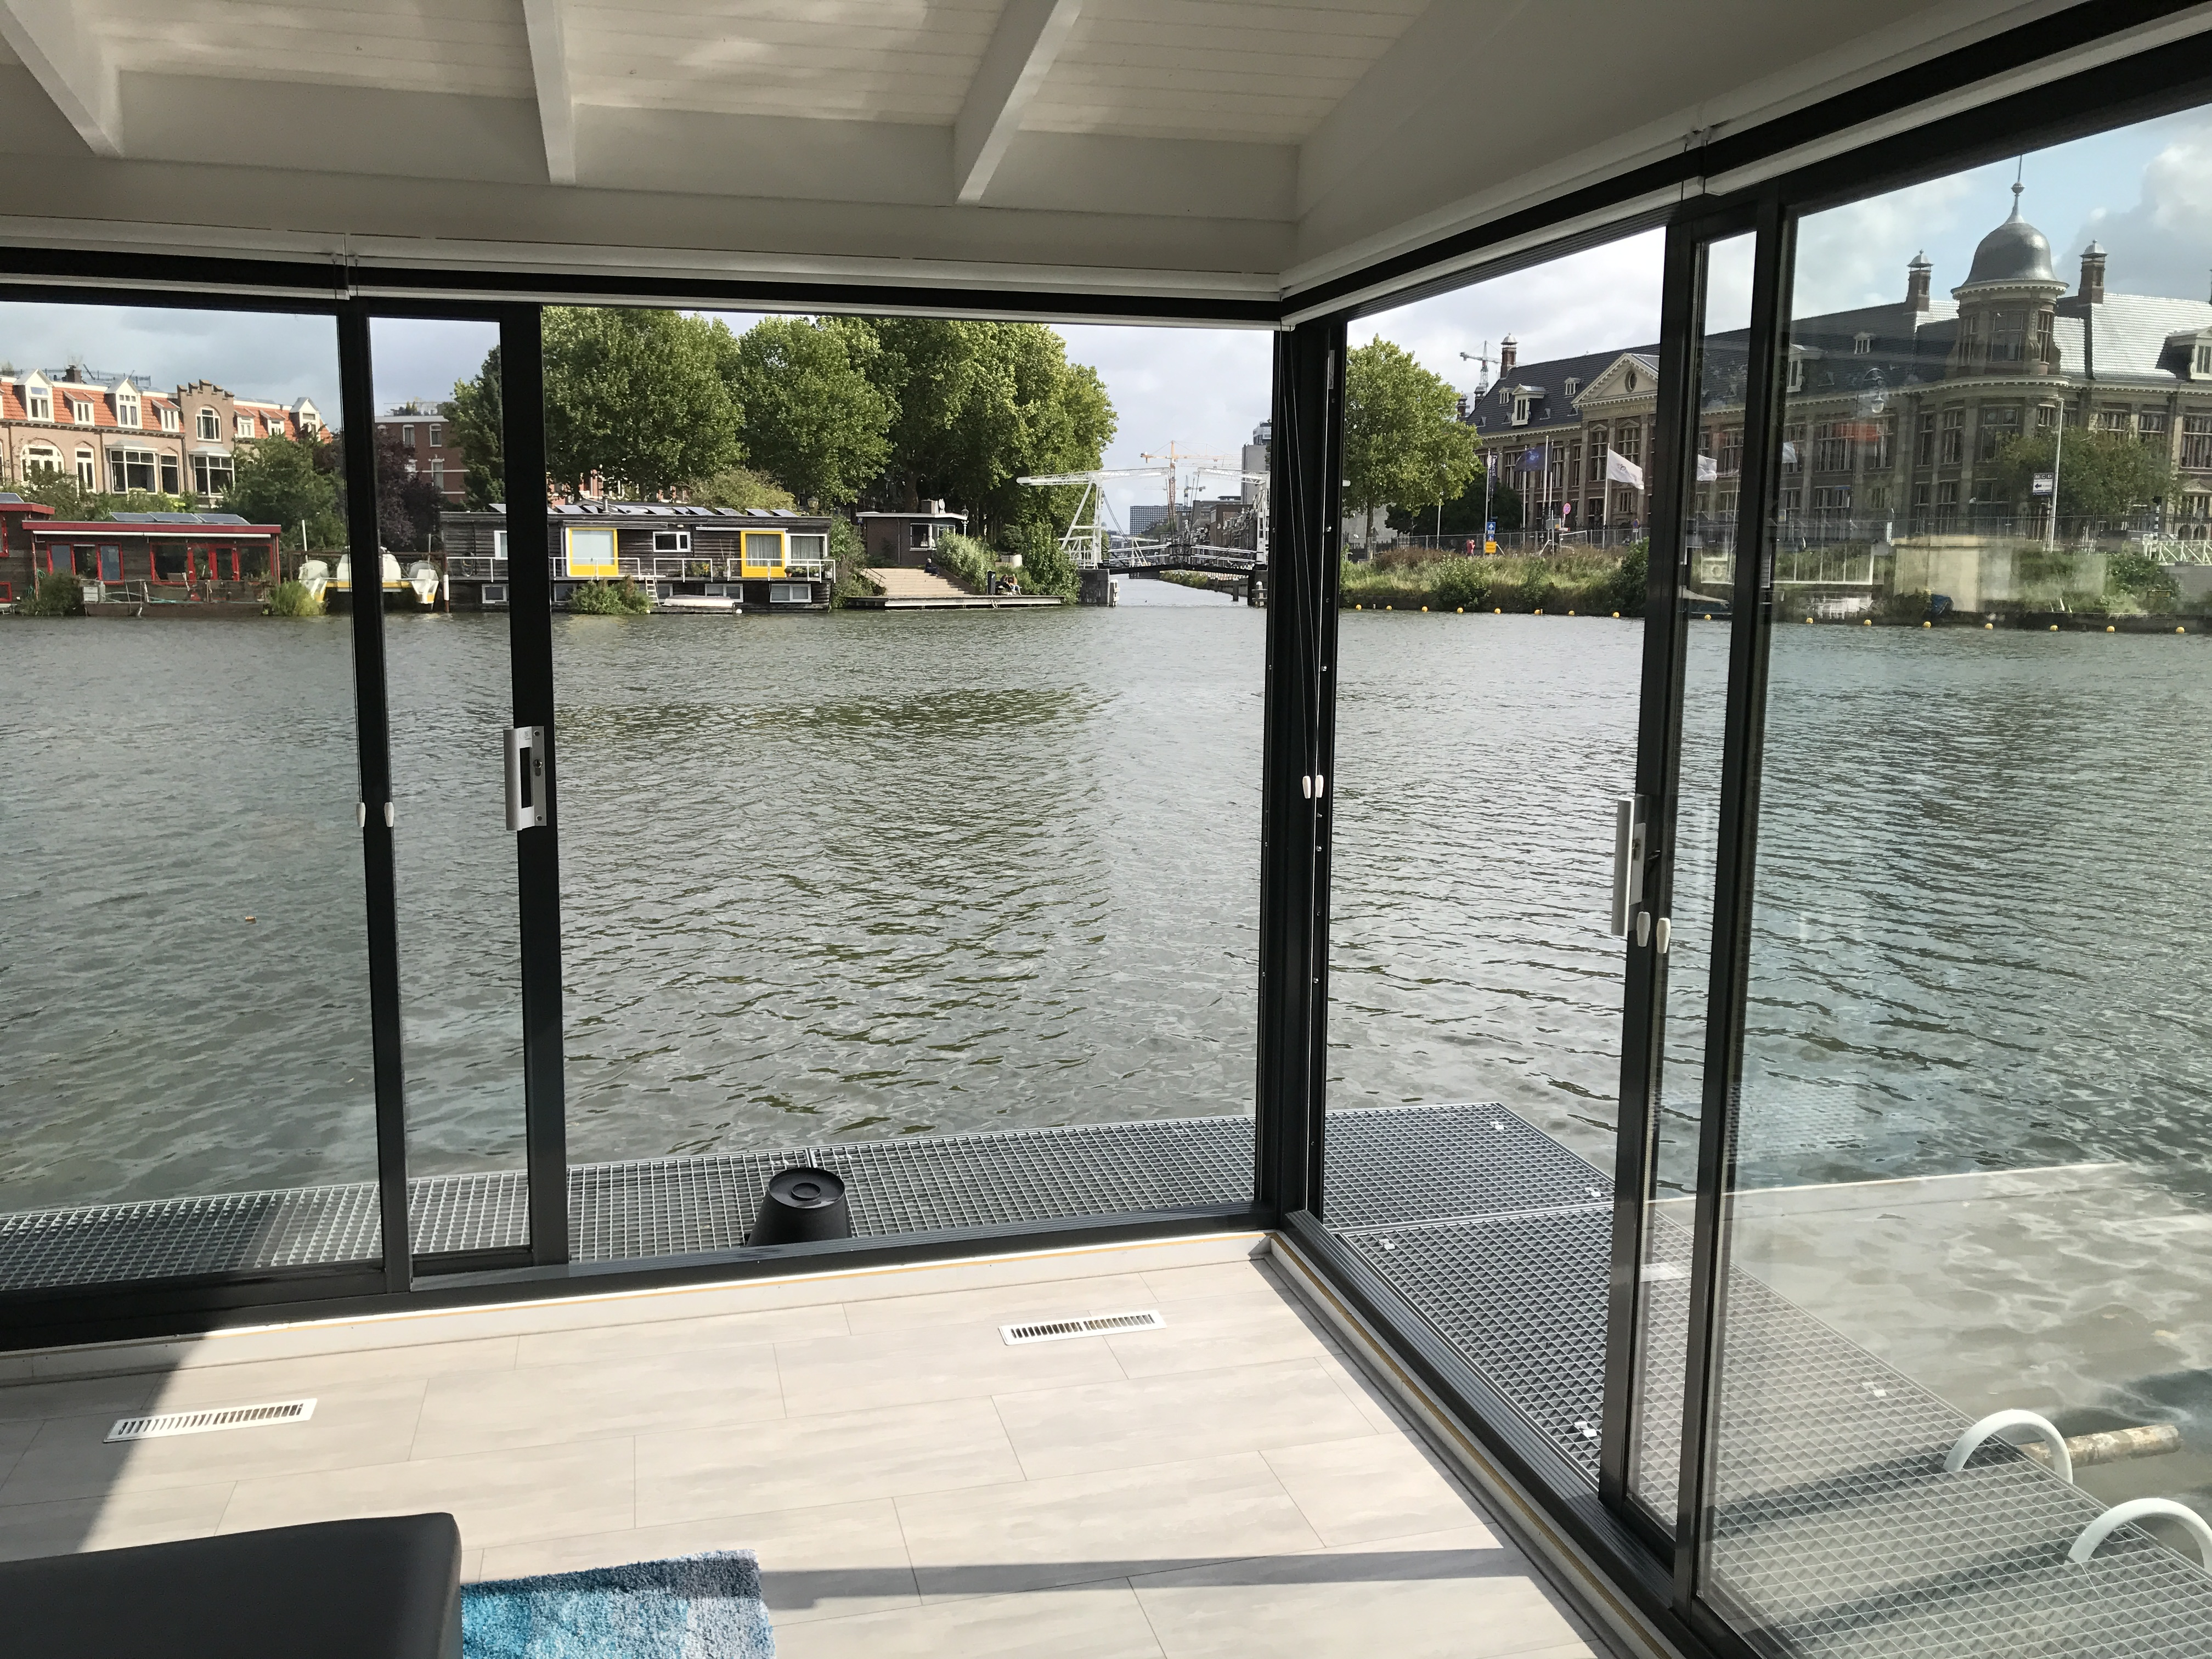 2 Schipper schuifpuien op een toplocatie te Utrecht